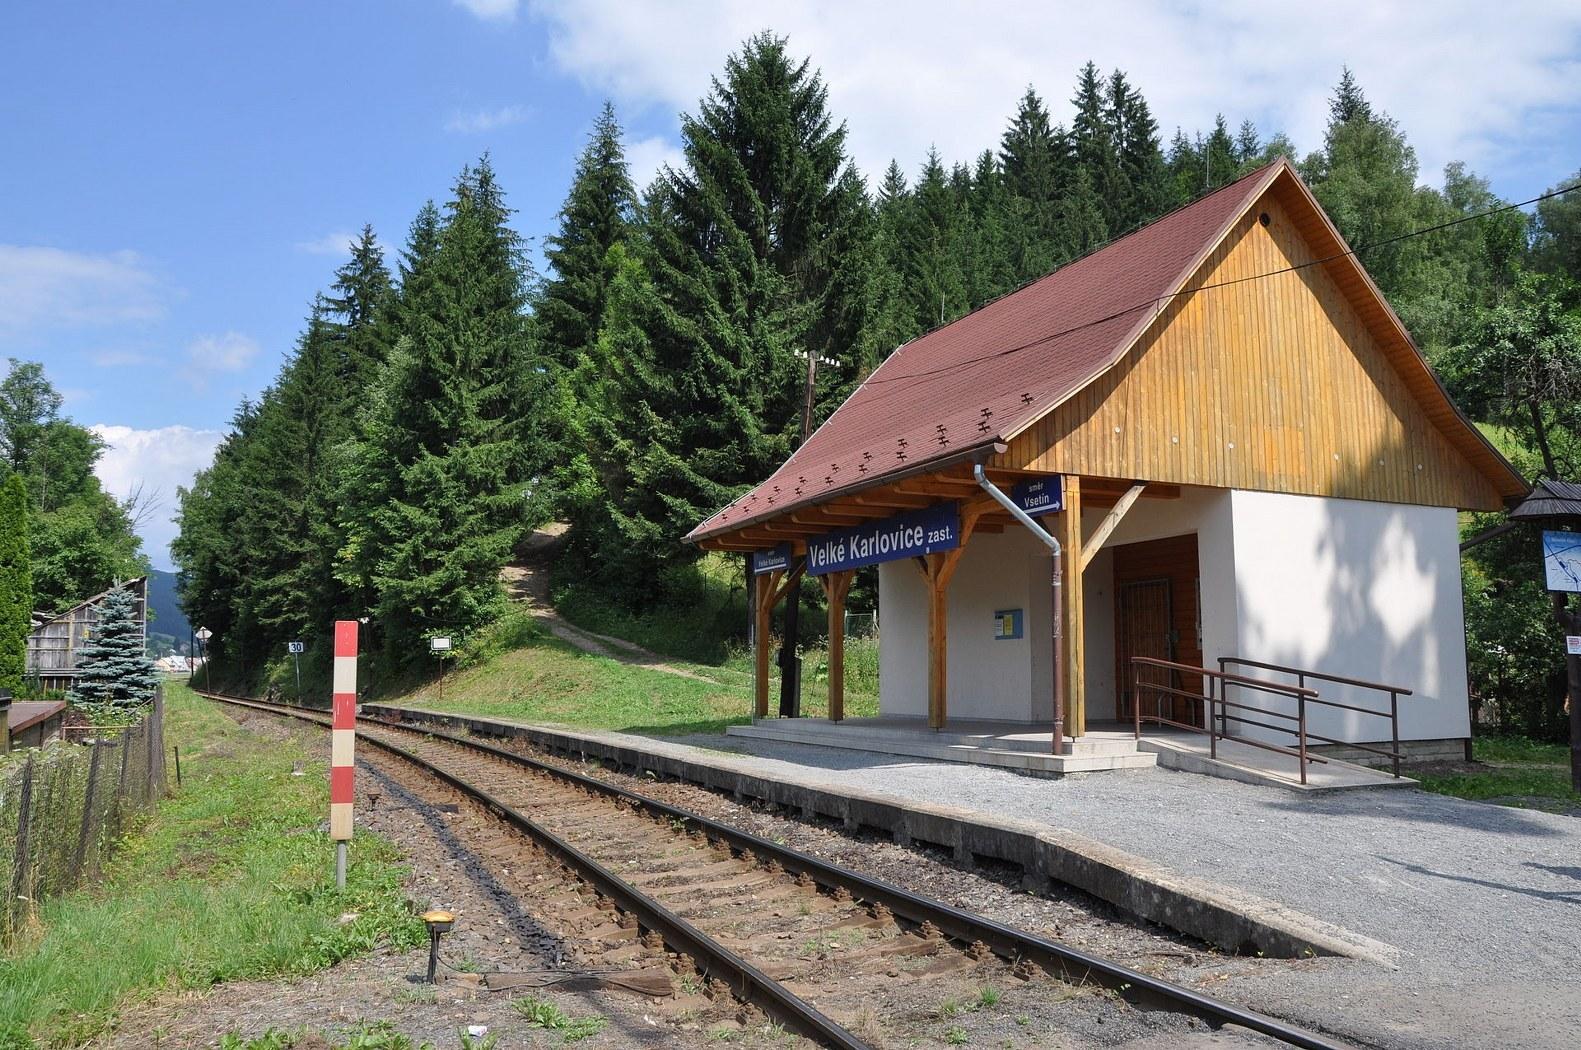 железнодорожная станция Вельке-Карловице - остановка, (c) wikipedia.org - Ben Skála, Benfoto